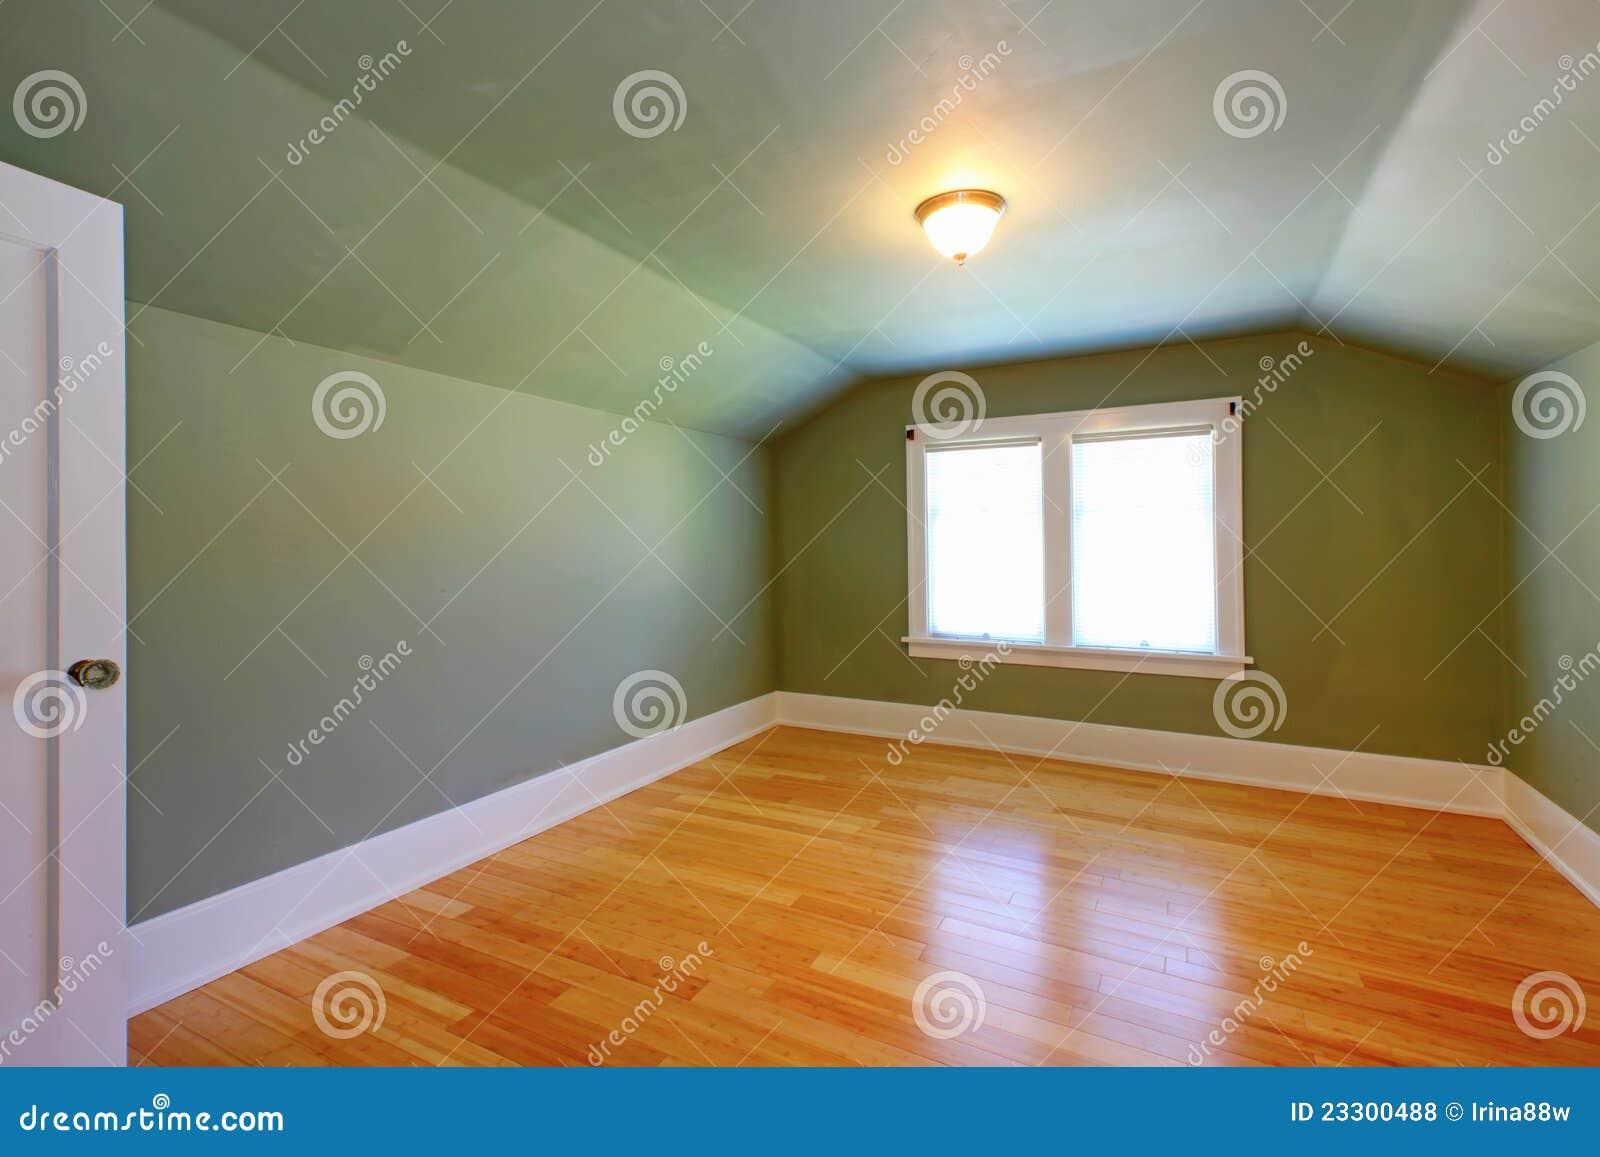 Grüner Raum Des Dachbodens Mit Niedriger Decke. Stockfoto   Bild Von .